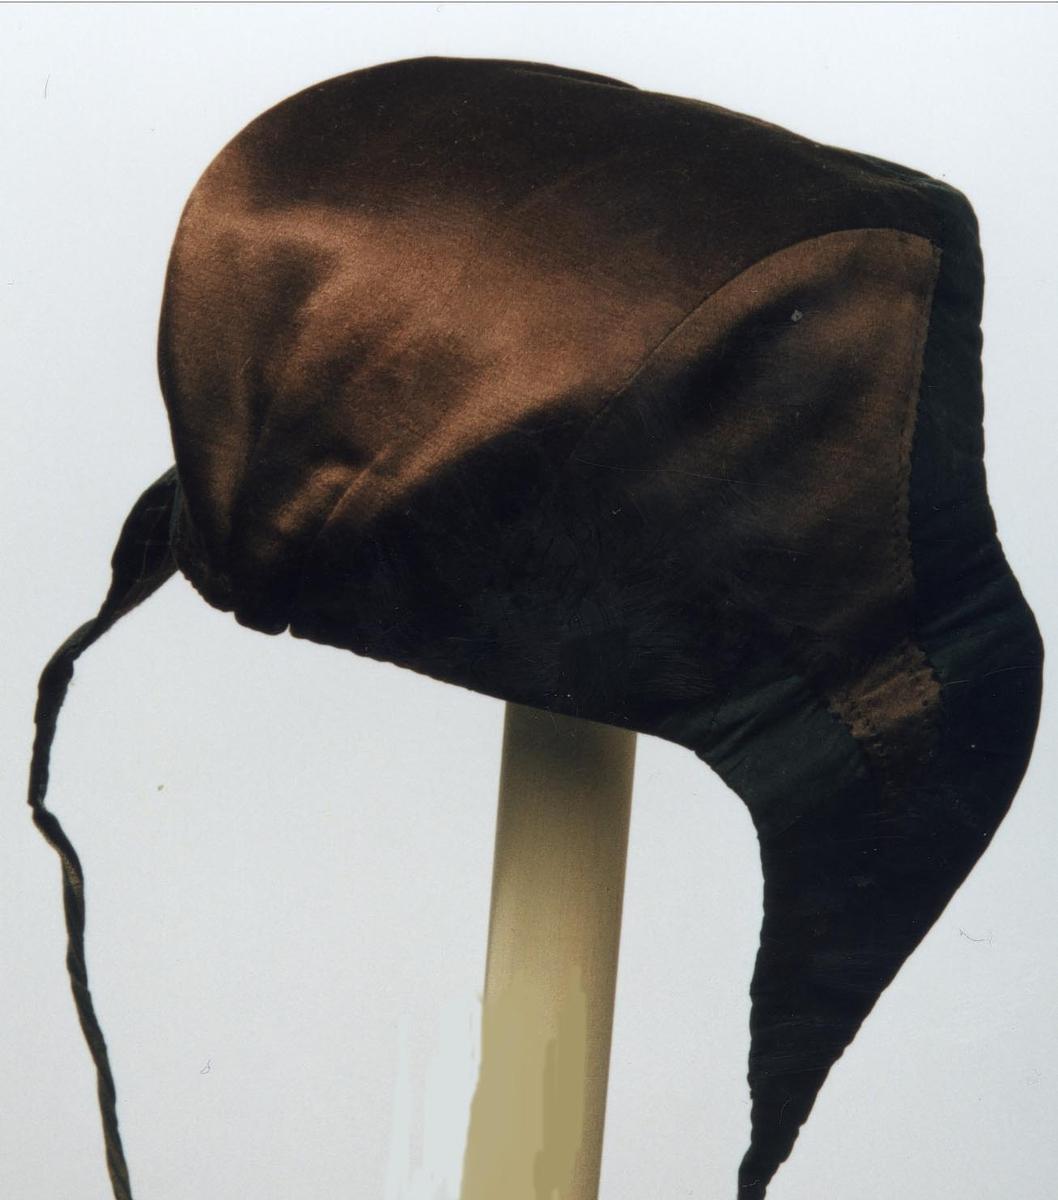 Rutet fòr. Knyttebånd. Røros fasong. Opplysninger gitt av faglærer ved Kunsthåndverksskolen på Røros, Eva Wahl Sandnes, november-1977.